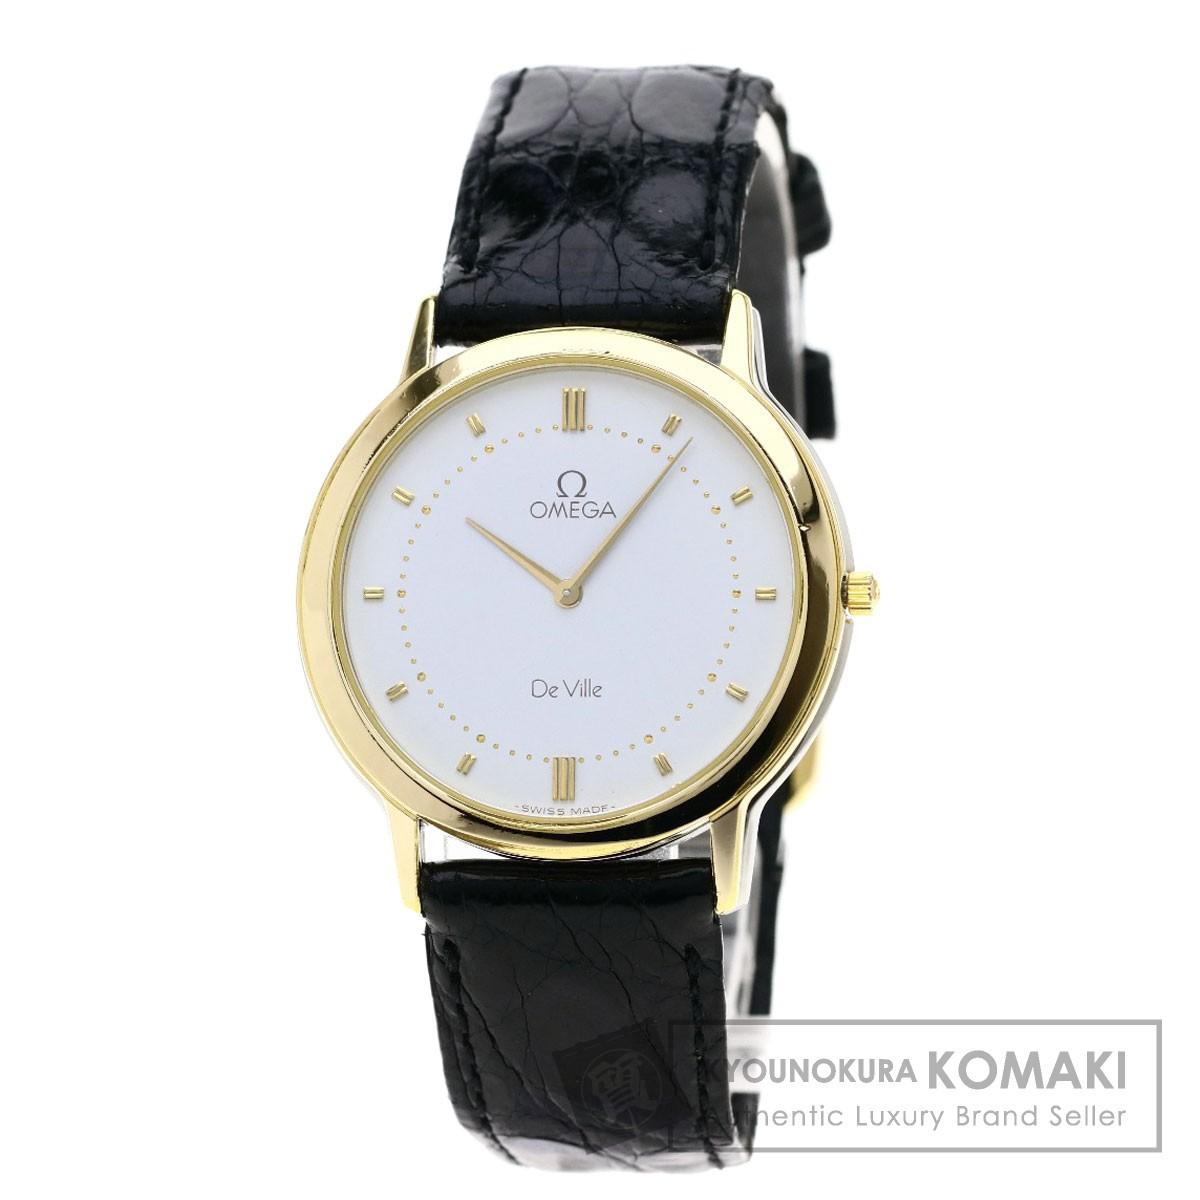 オメガ デビル 腕時計 ステンレススチール/革/GP メンズ 【中古】【OMEGA】